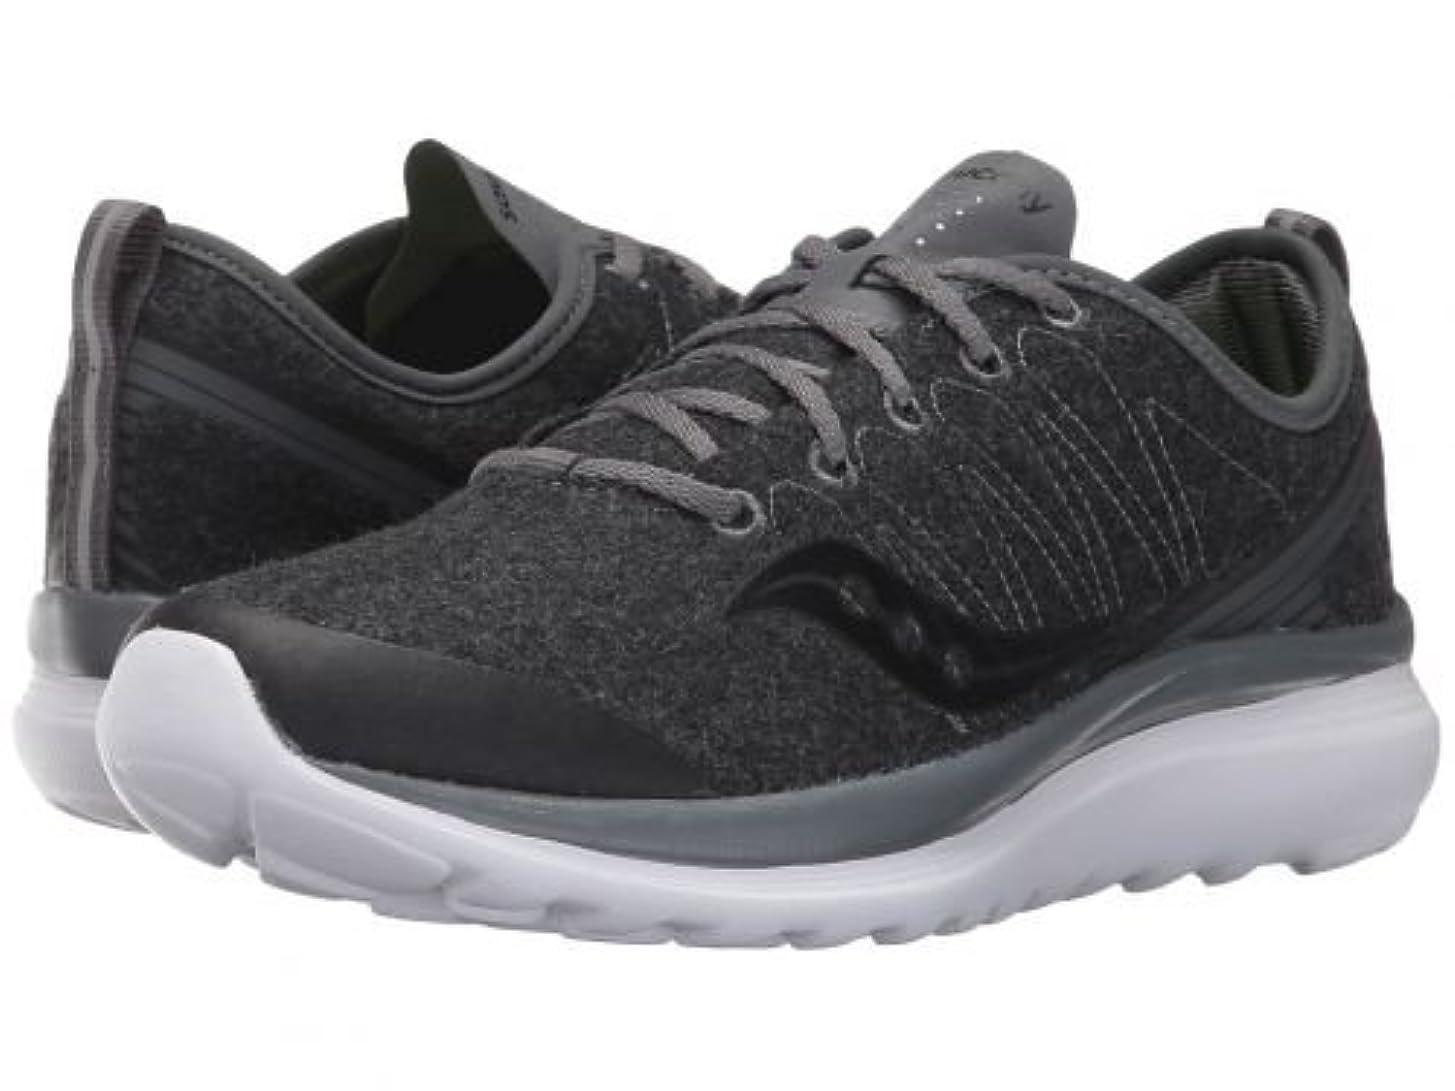 青写真矩形うんざりSaucony(サッカニー) レディース 女性用 シューズ 靴 スニーカー 運動靴 Swivel - Dark Grey 6 B - Medium [並行輸入品]